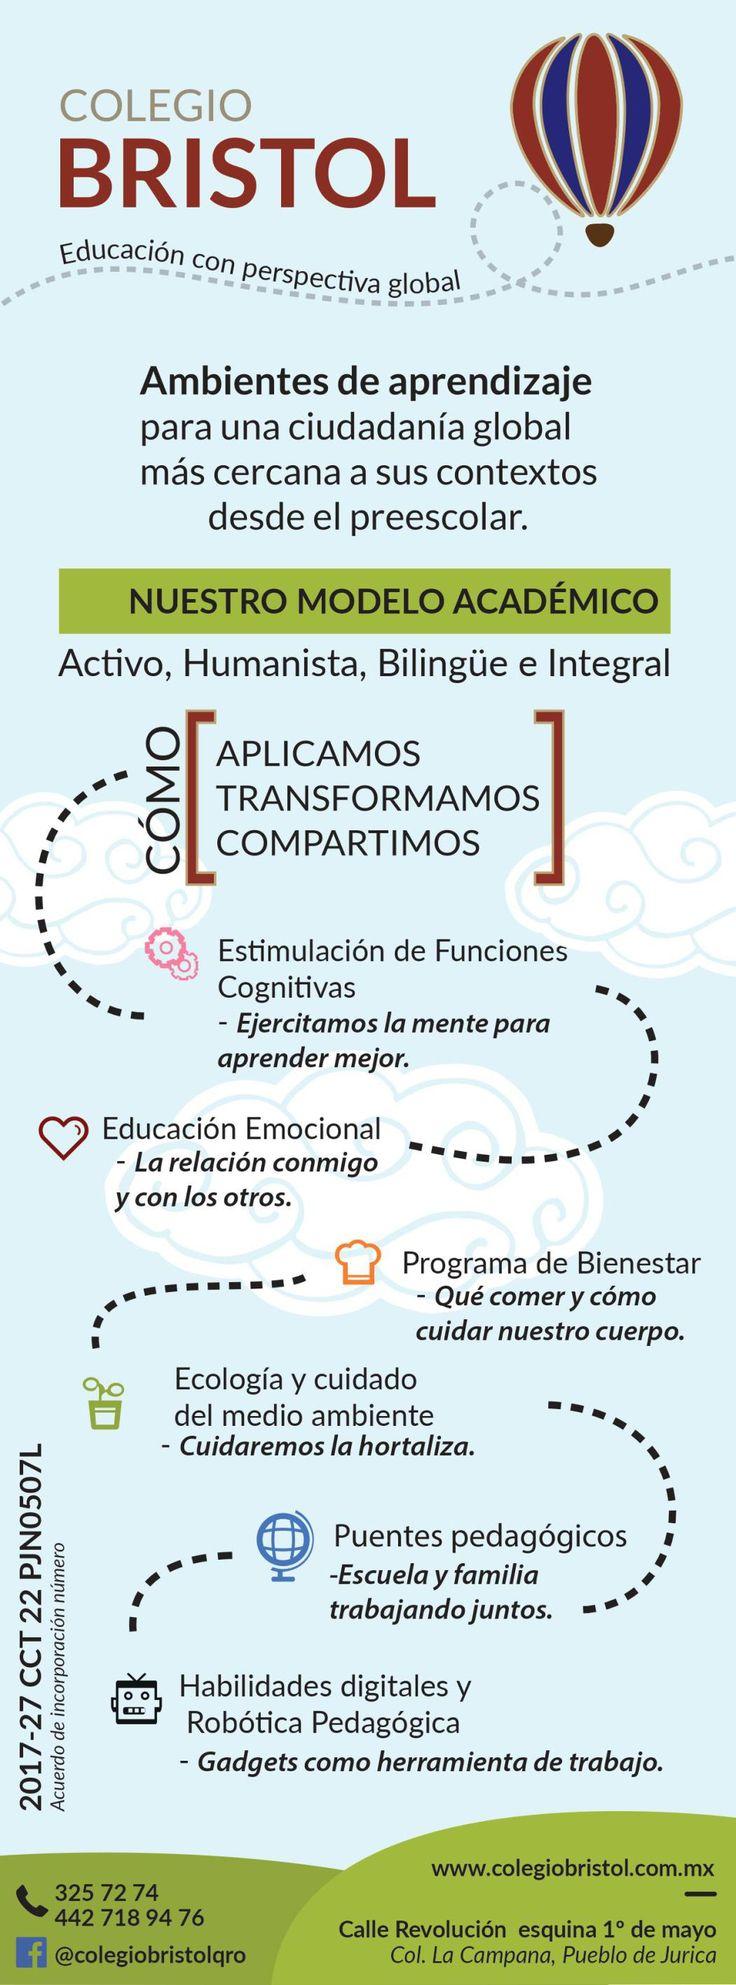 Infografía de nuestro modelo educativo. Ambientes de aprendizaje para una ciudadanía global más cercana a sus contextos desde el preescolar.